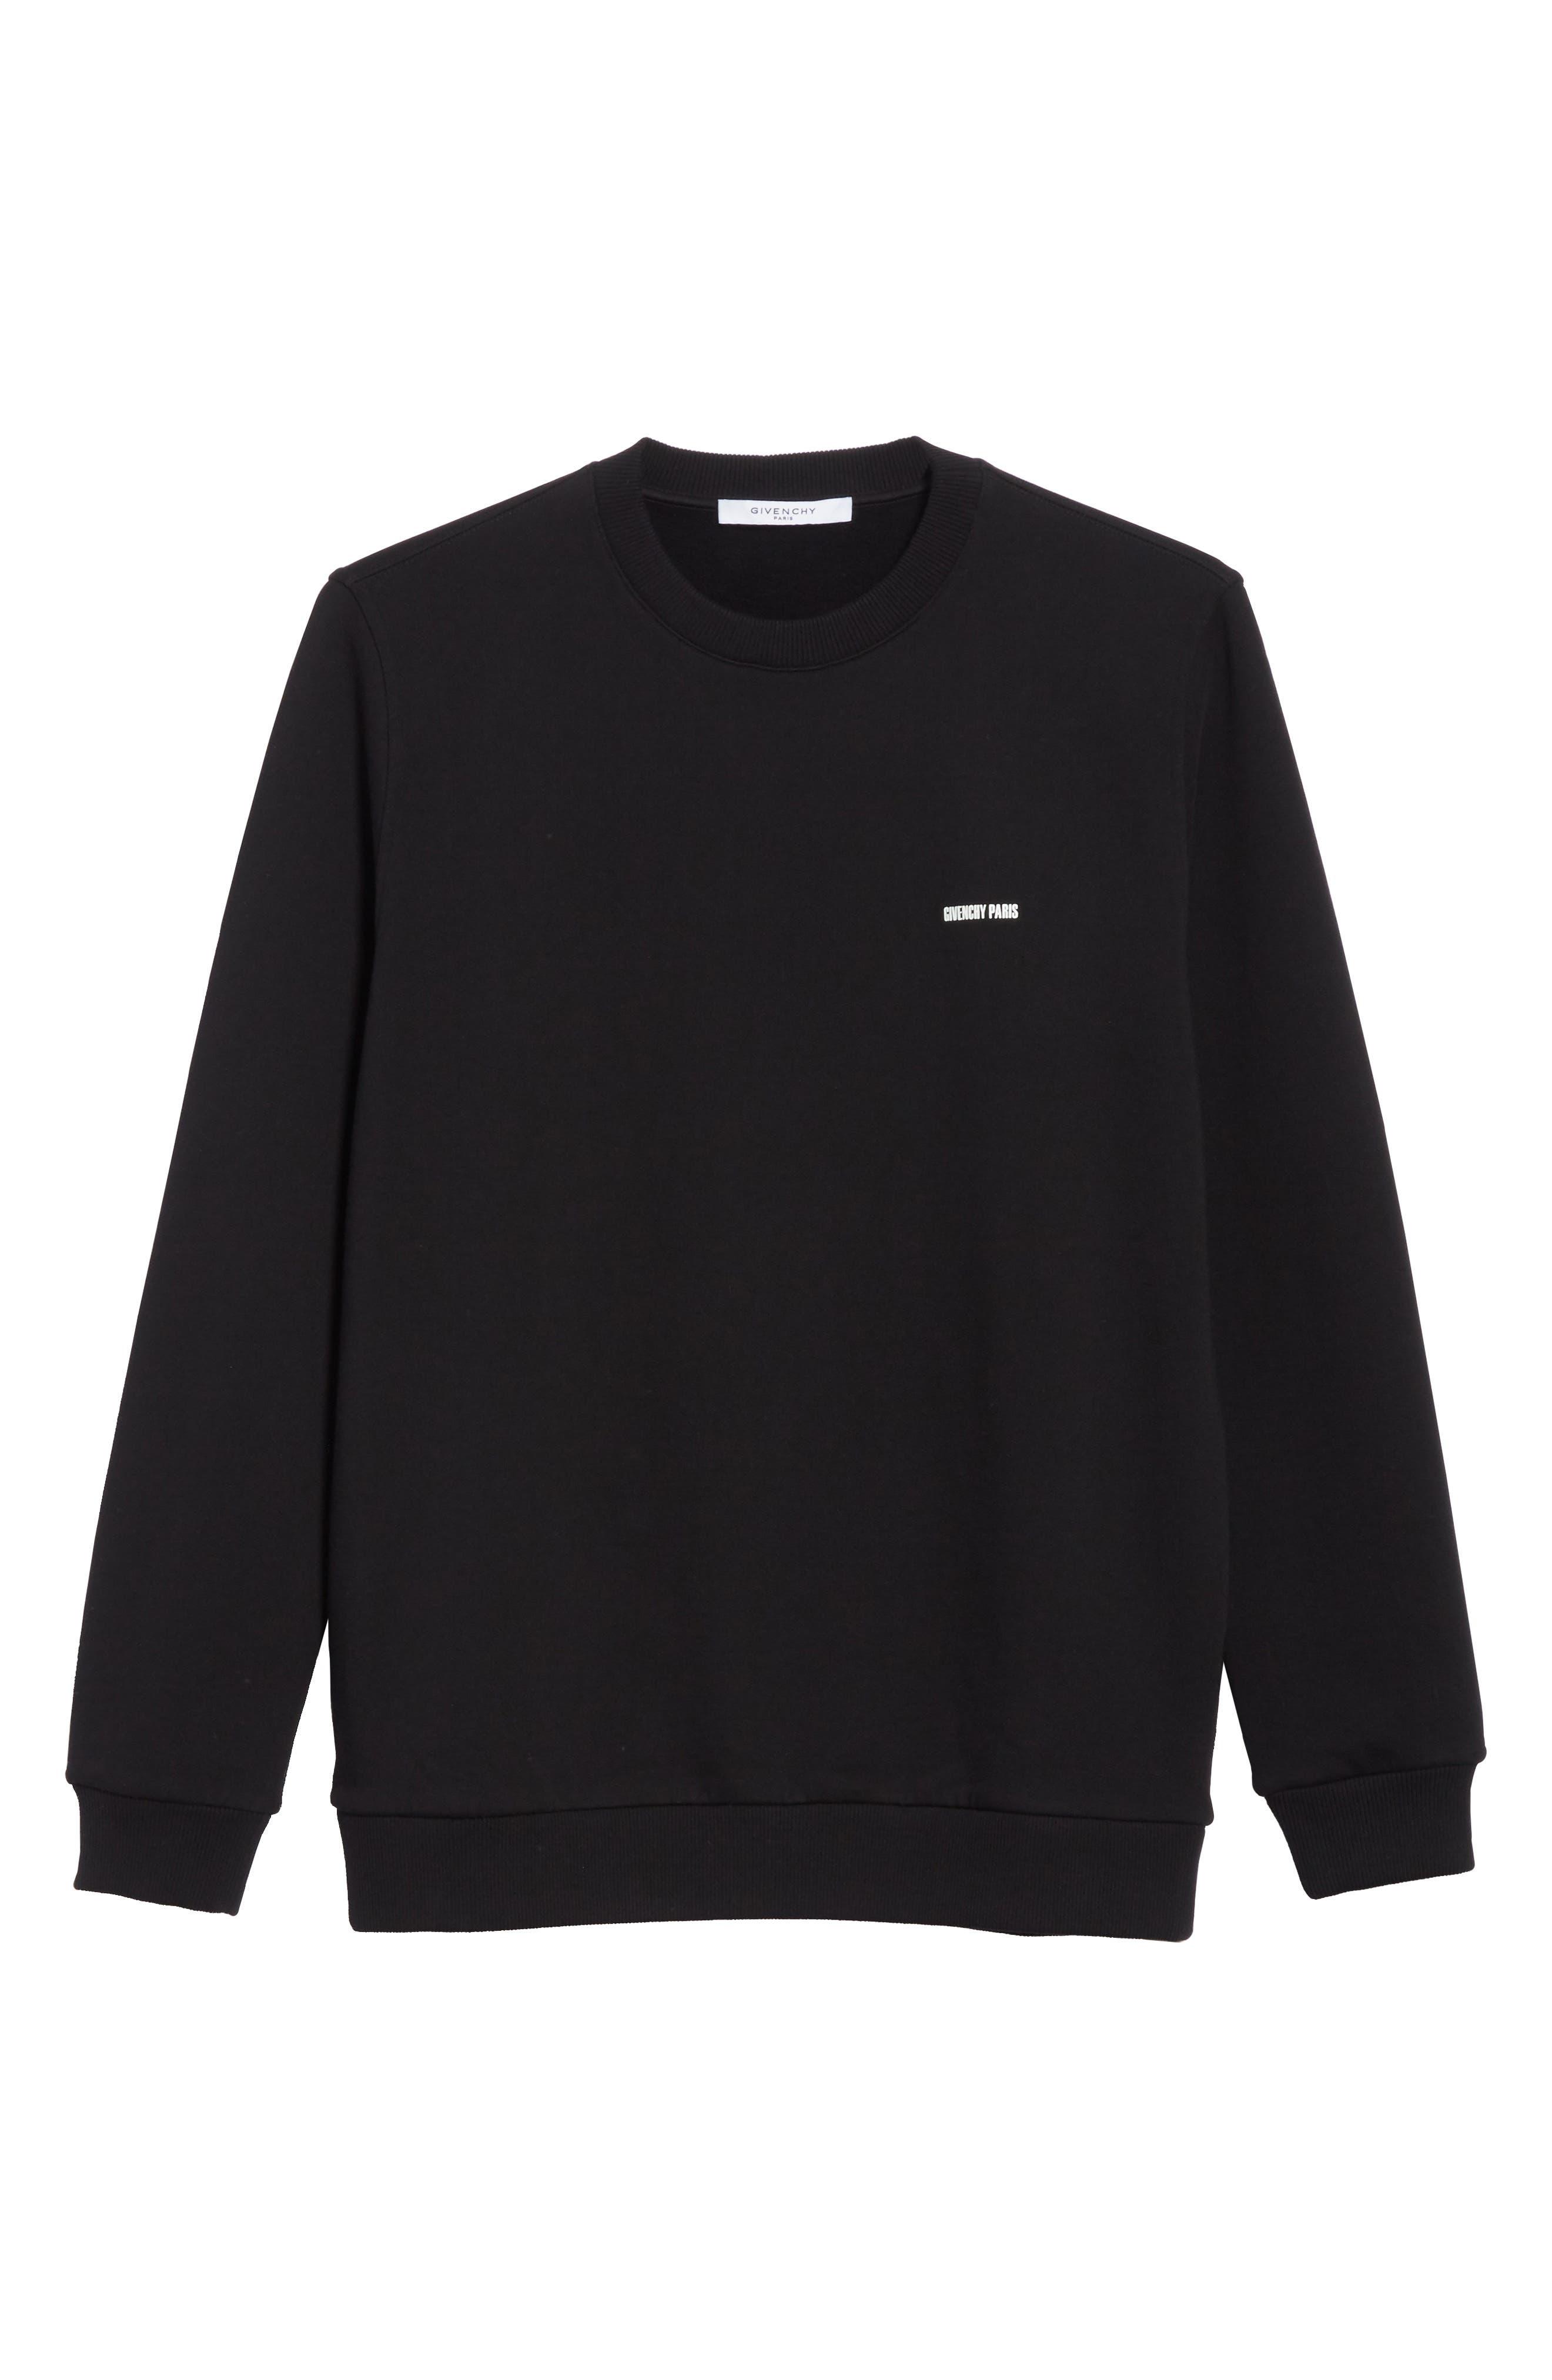 Original Crewneck Sweatshirt,                         Main,                         color, Black